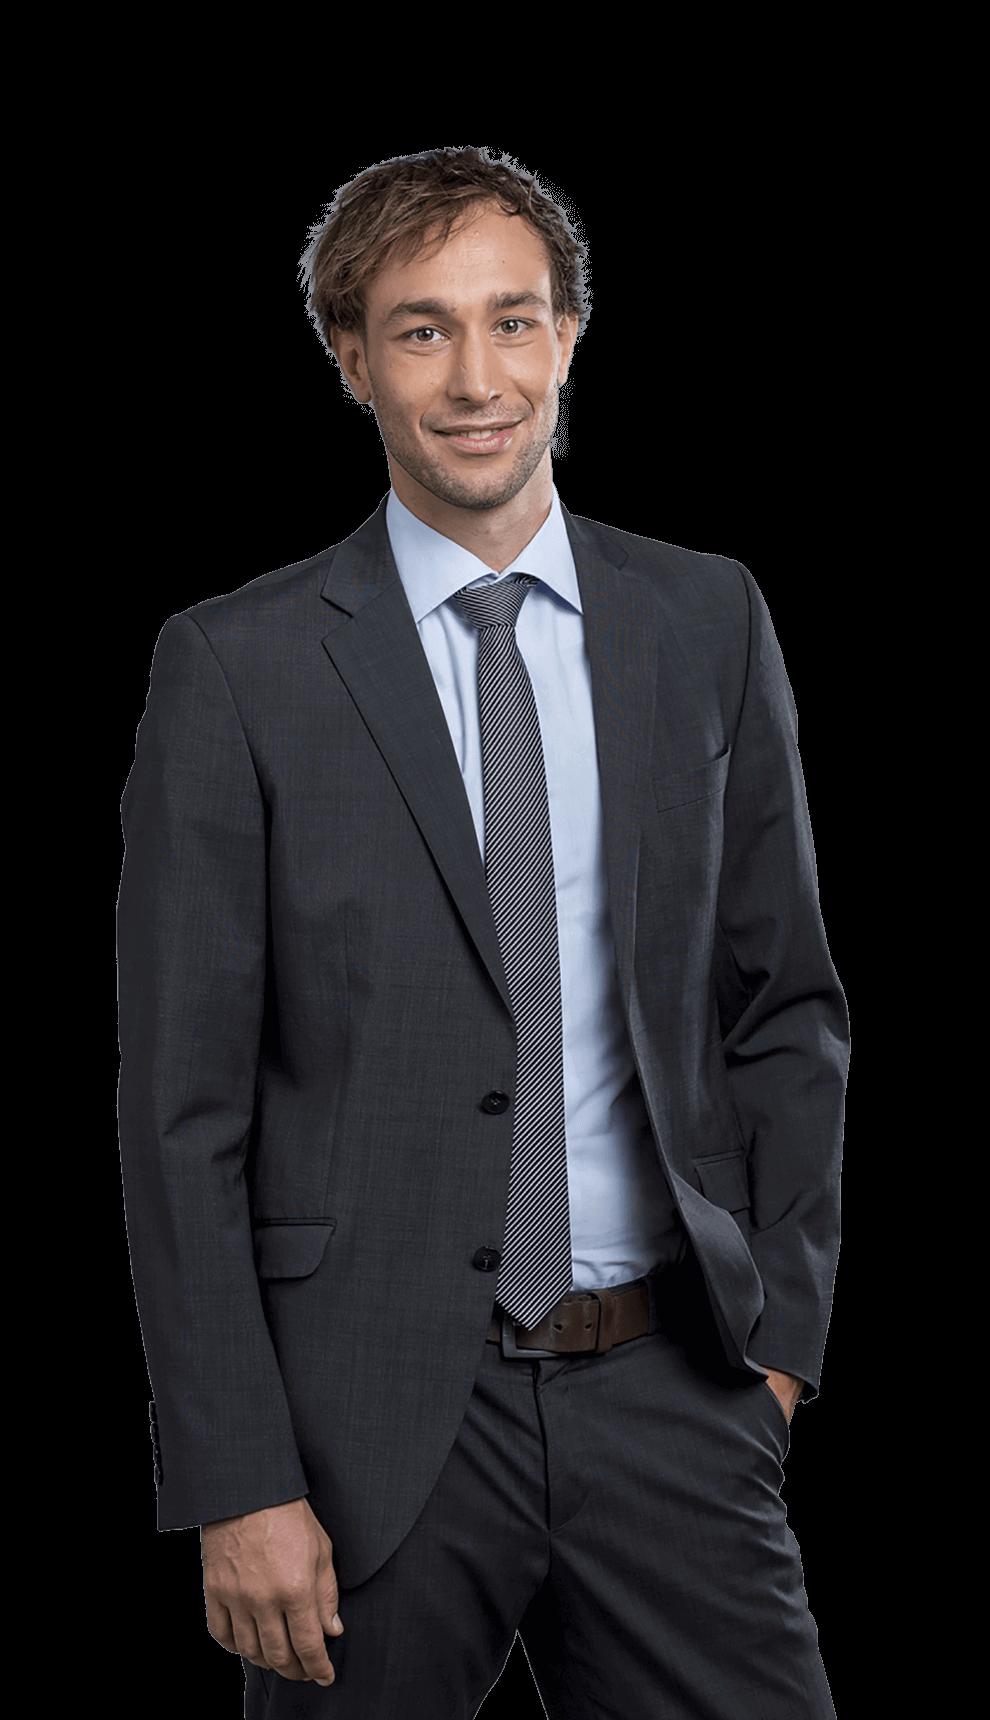 Dr. Raffael Greiffenberg